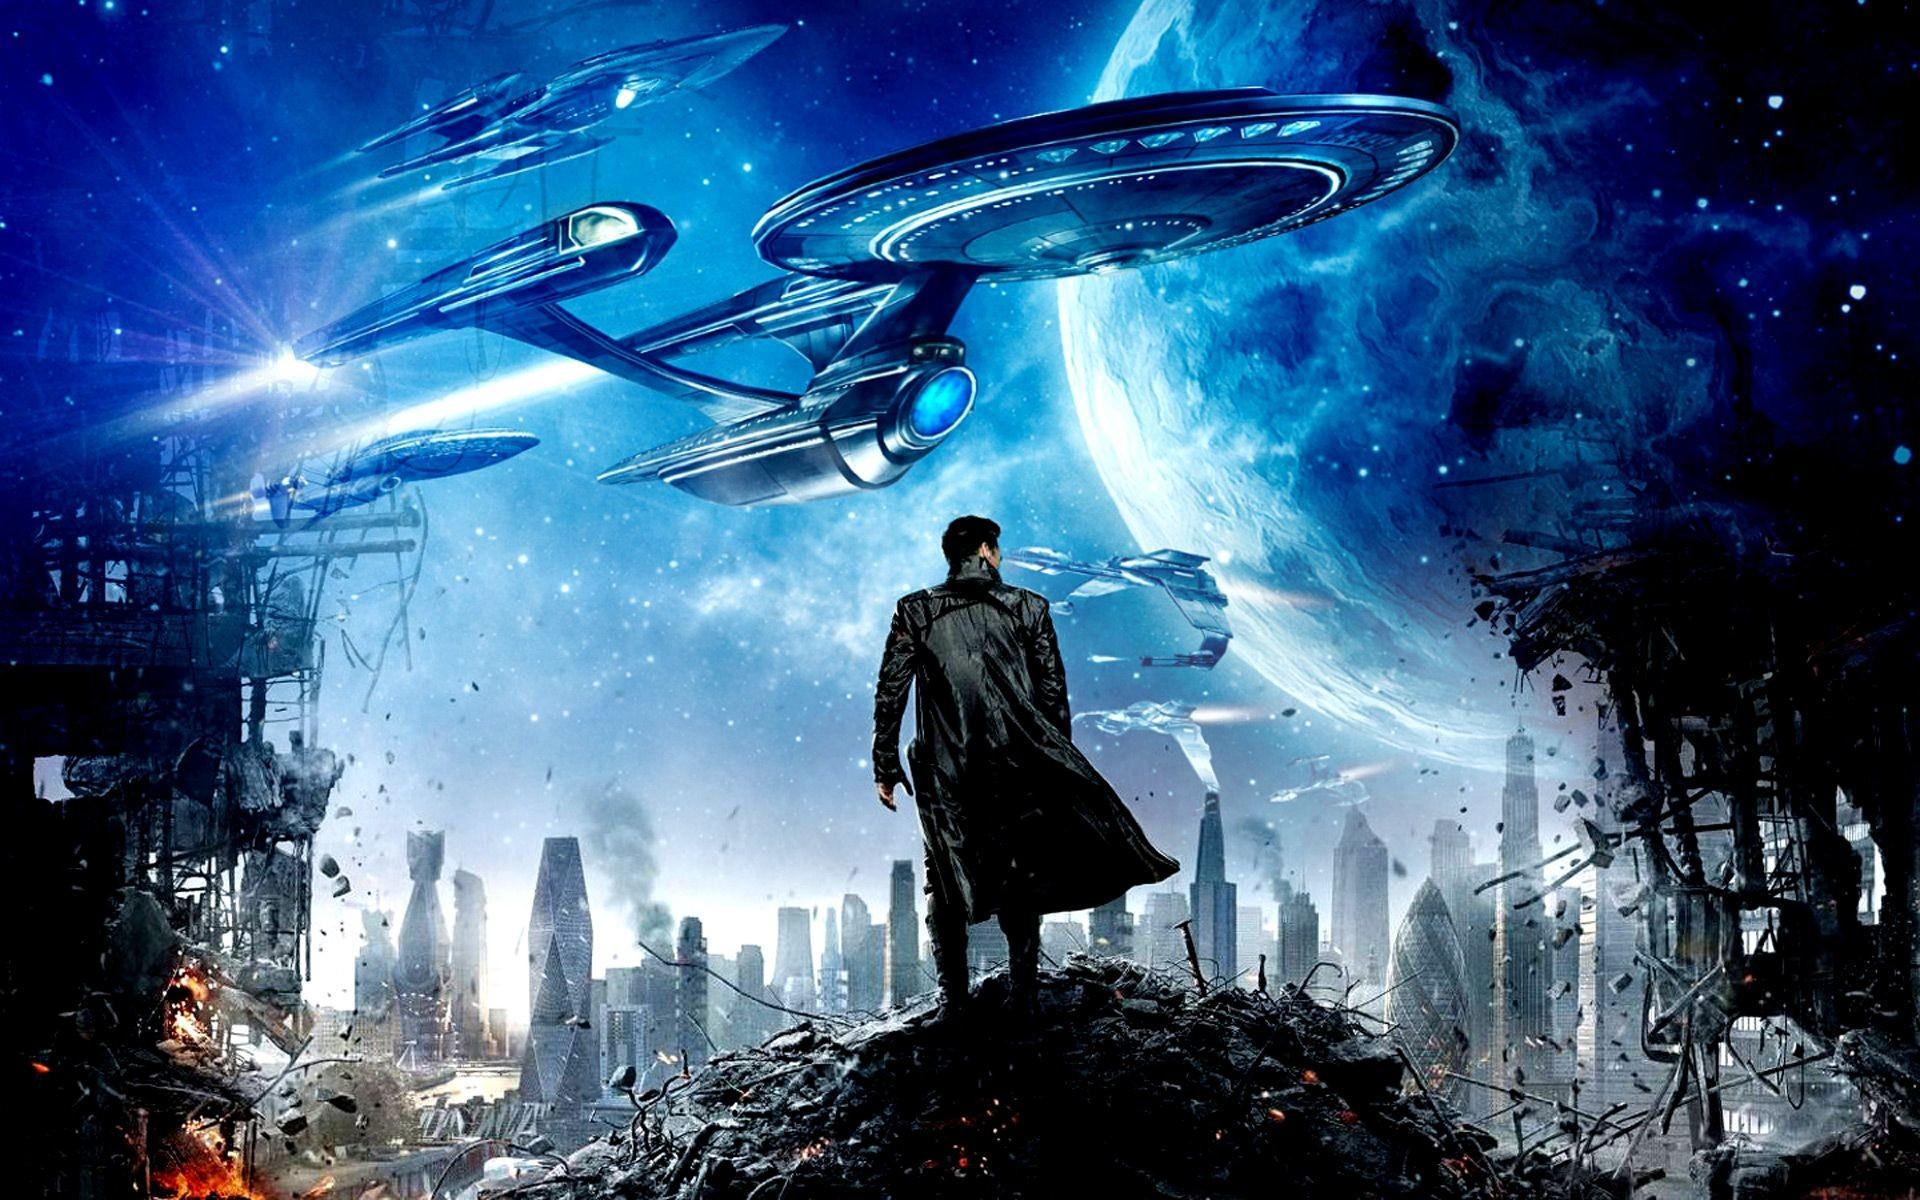 Star Trek Sternzeit Berechnen : star trek beyond wallpapers hd 58 images ~ Themetempest.com Abrechnung